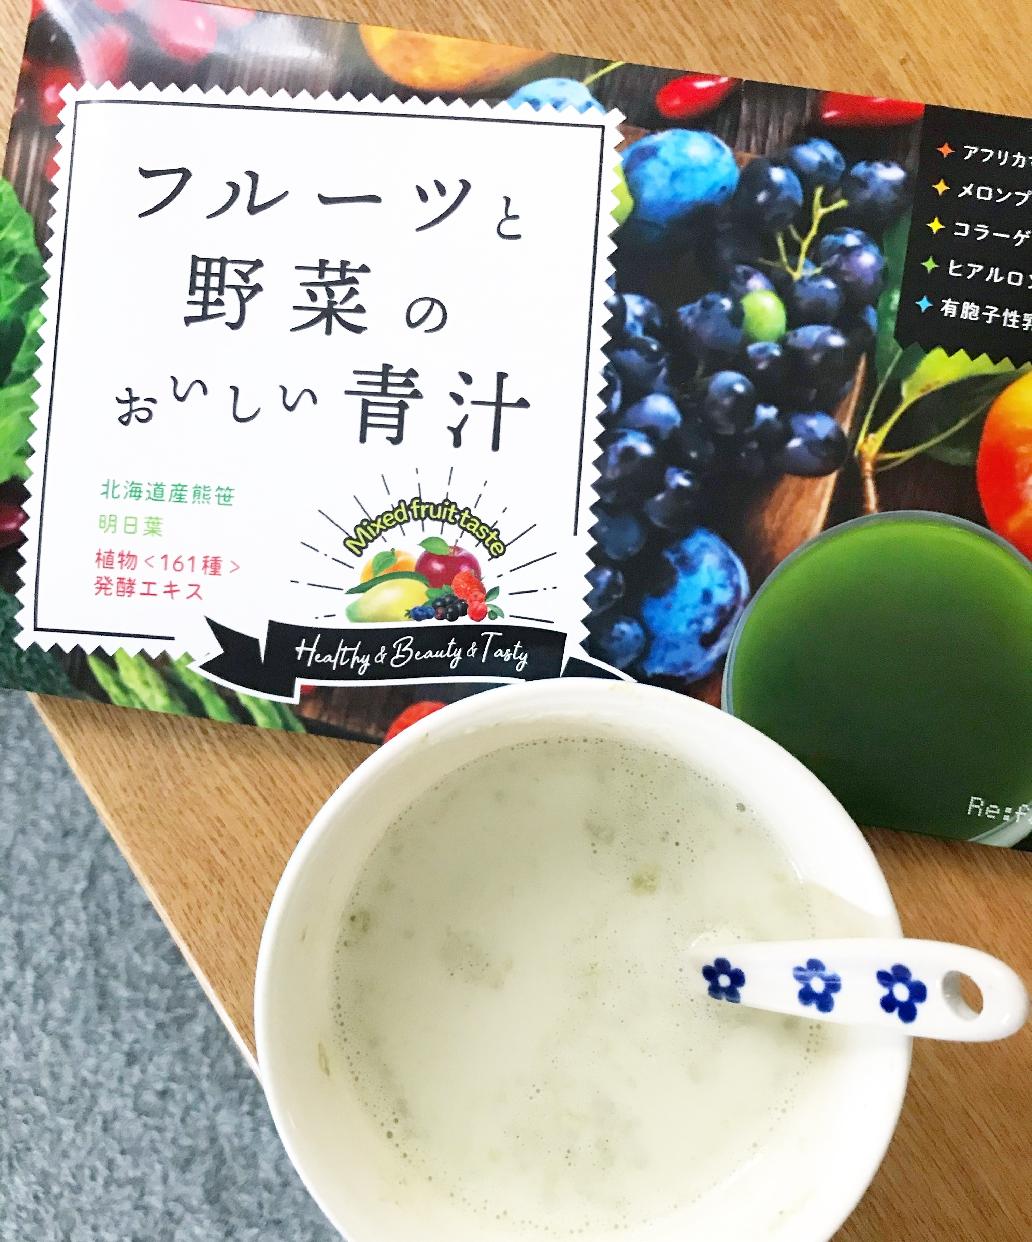 Re:fata(リファータ)フルーツと野菜のおいしい青汁を使った xxxnaaさんの口コミ画像1